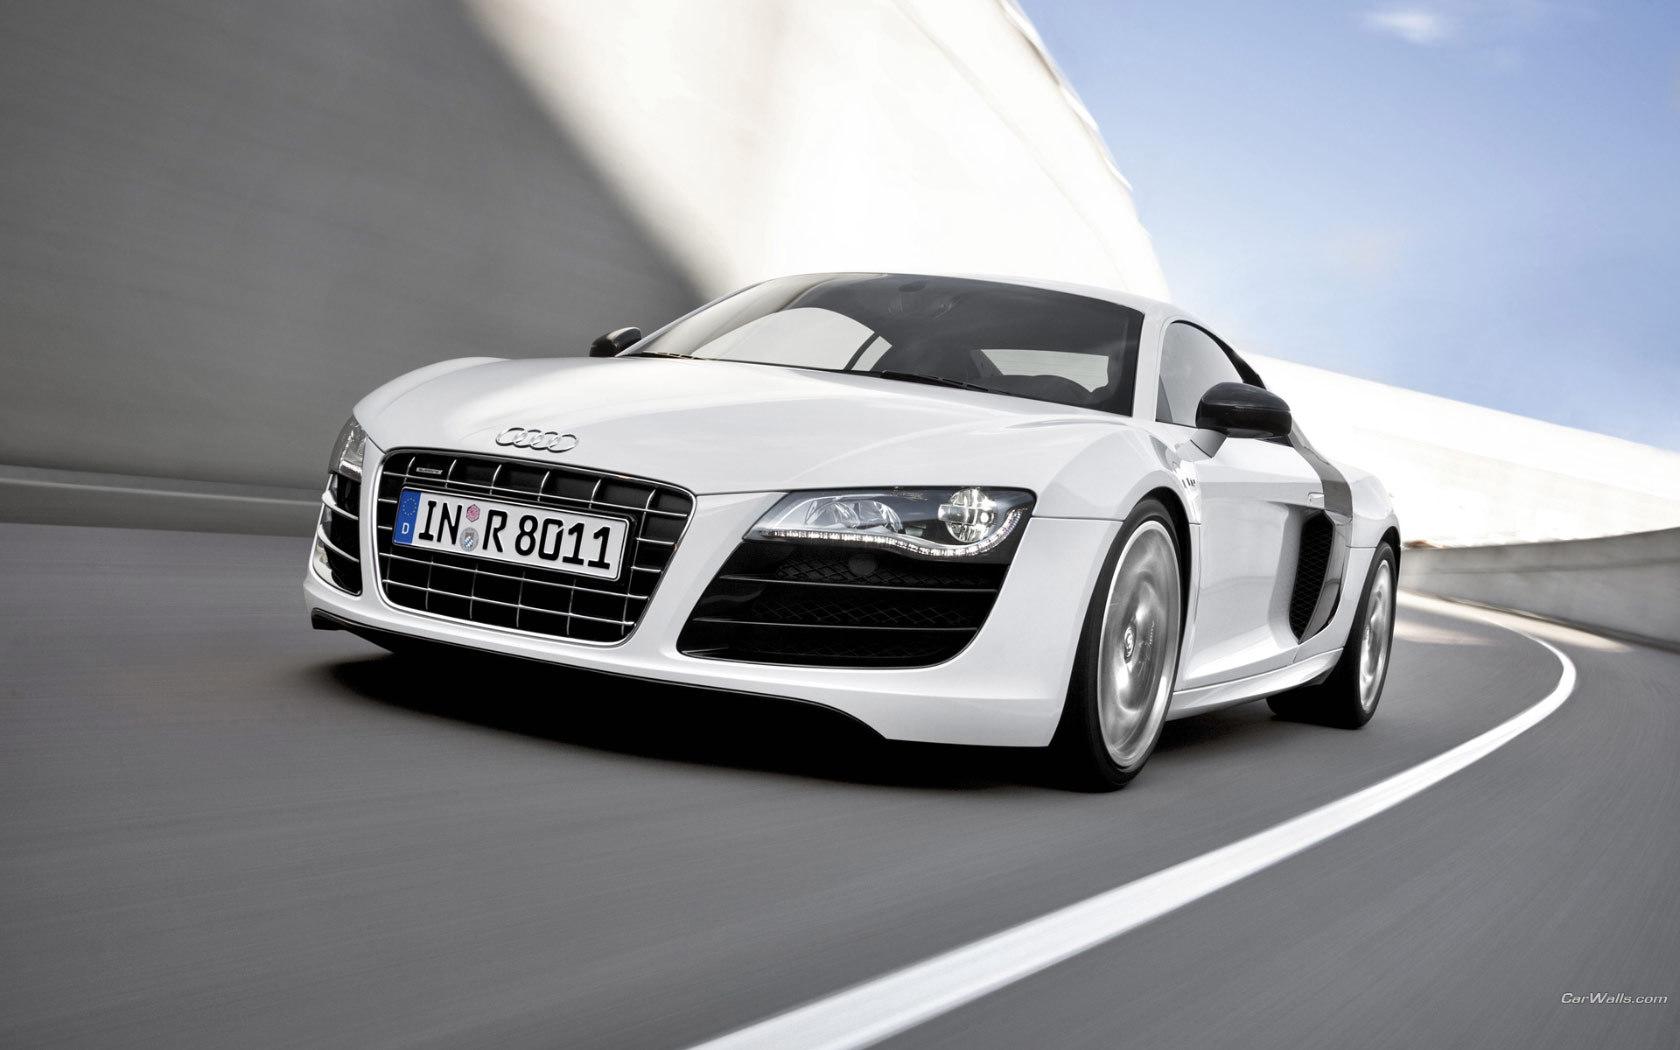 6822 скачать обои Транспорт, Машины, Ауди (Audi) - заставки и картинки бесплатно